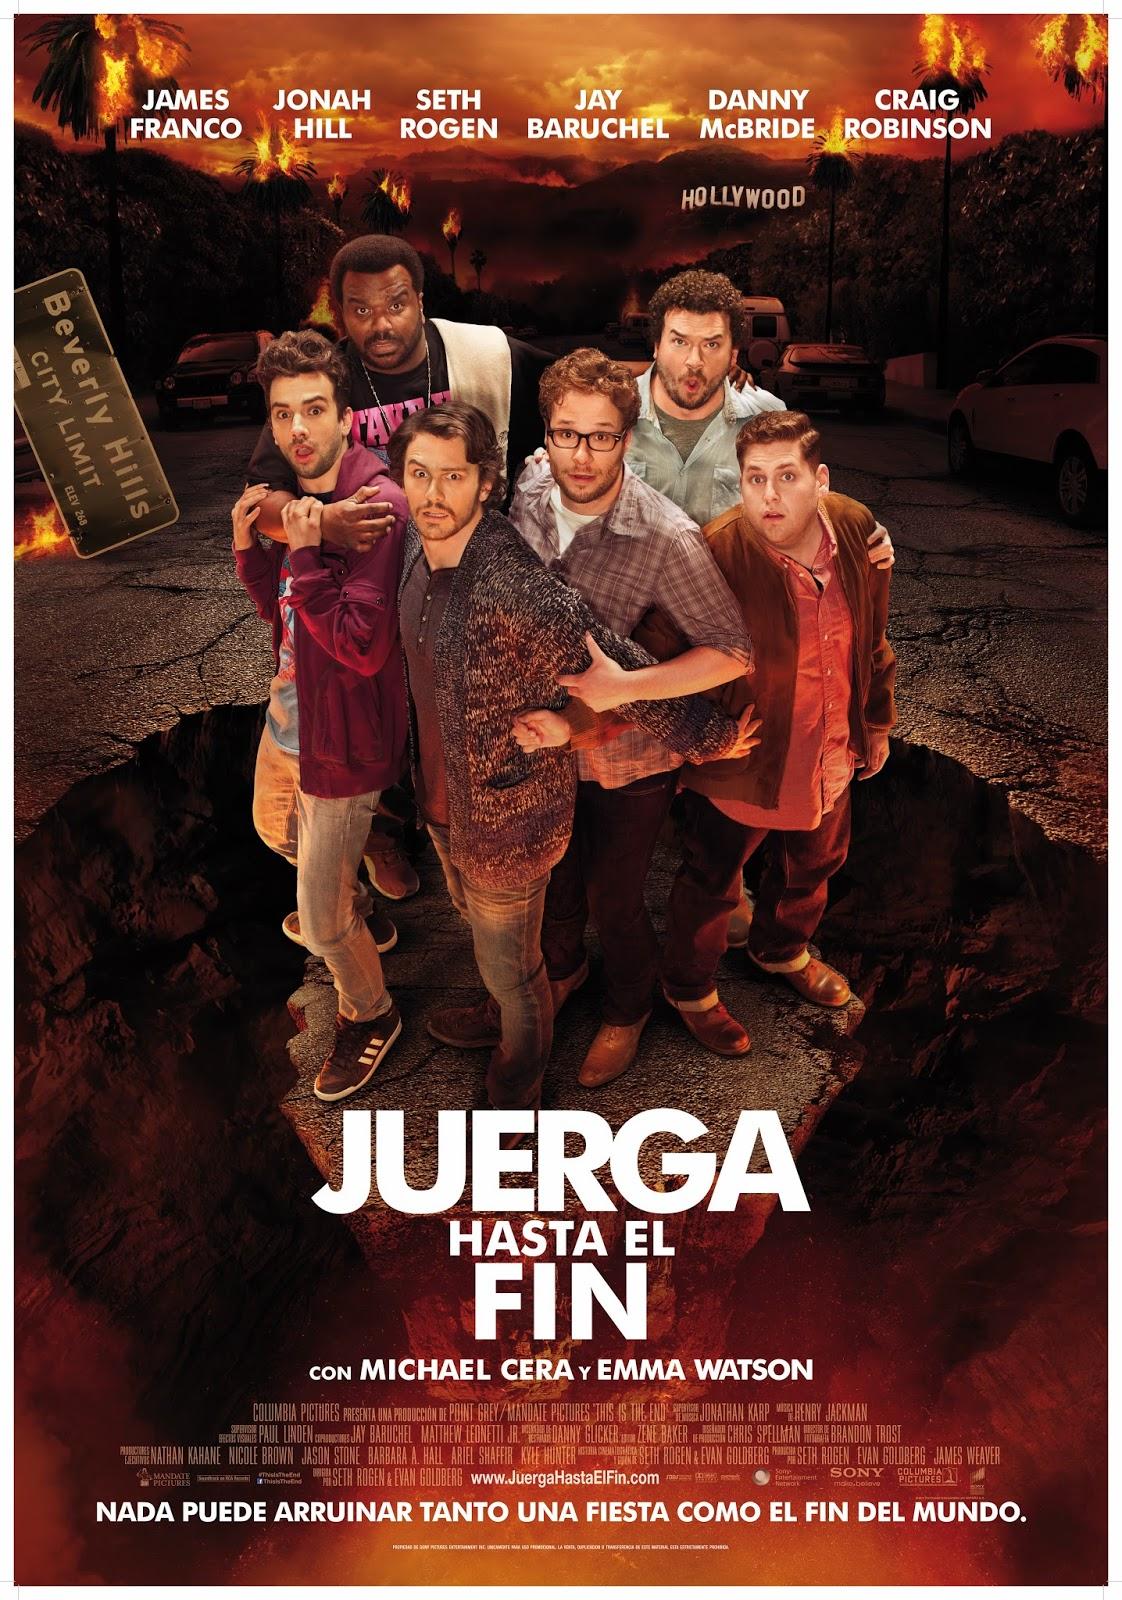 Juerga Hasta El Fin (2013)